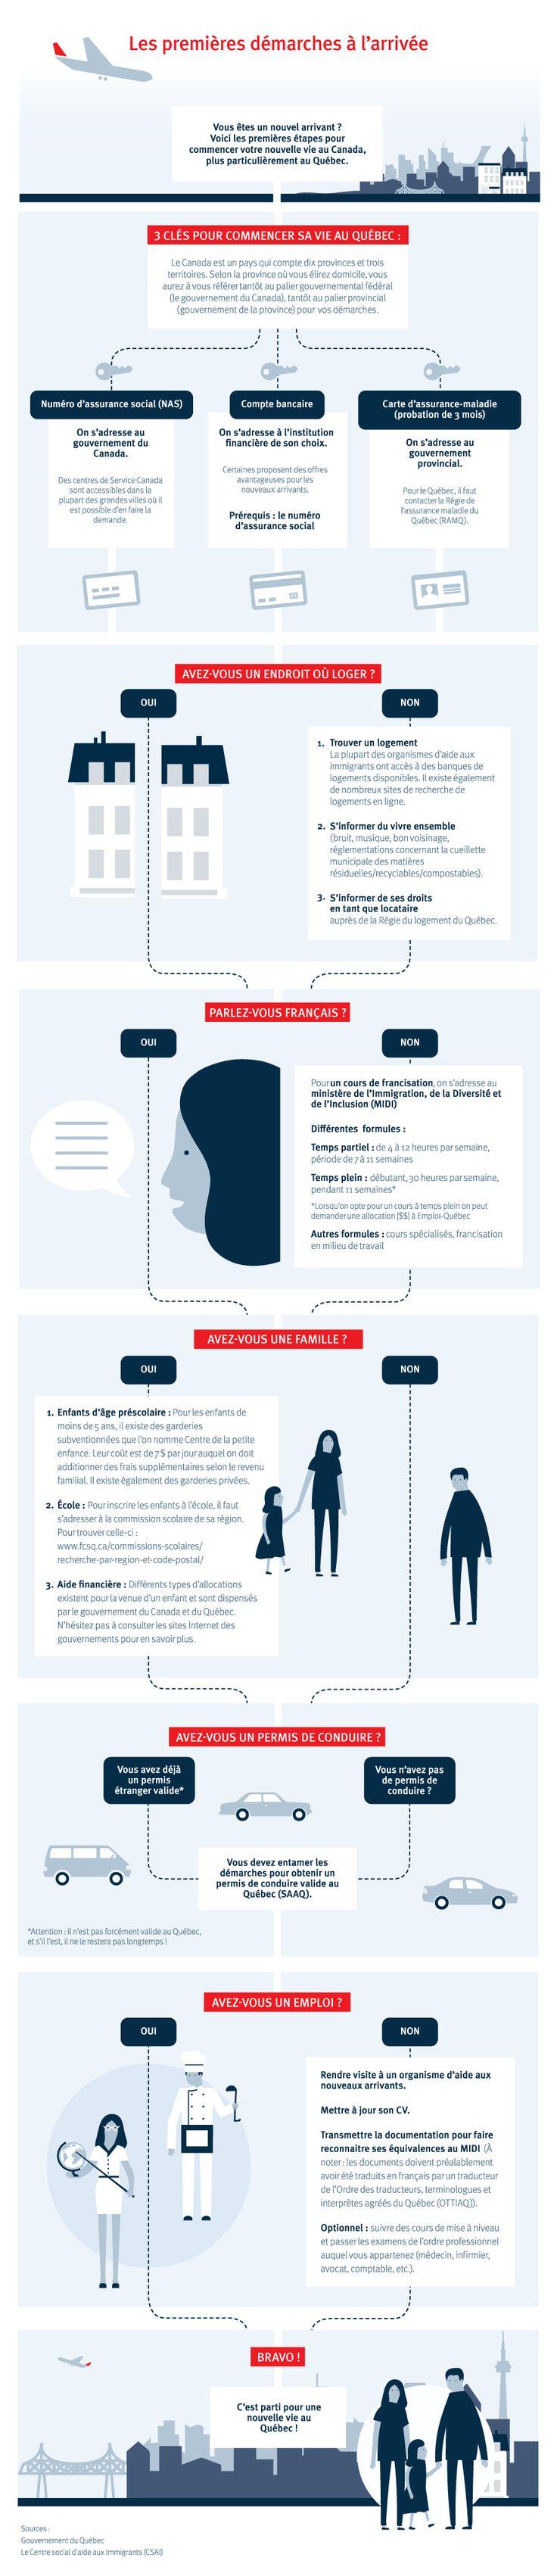 Nouveaux arrivants, immigrants au Canada: les premières démarches à l'arrivée. Infographie #FaitPar37eAVENUE